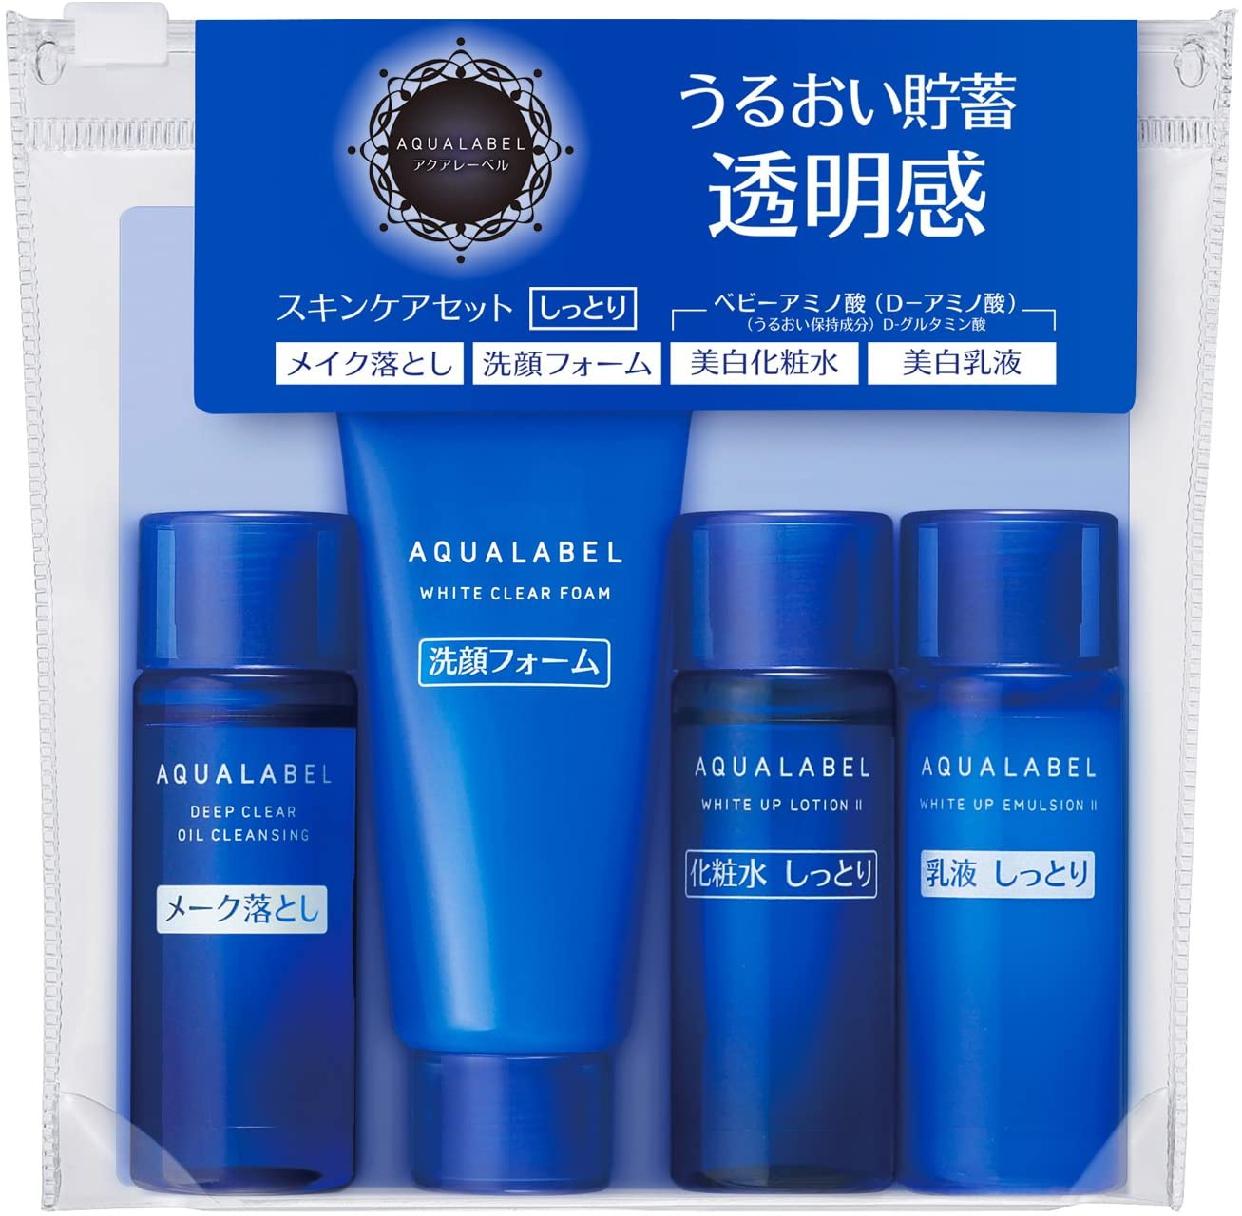 AQUALABEL(アクアレーベル) ホワイトアップセット Nの商品画像4